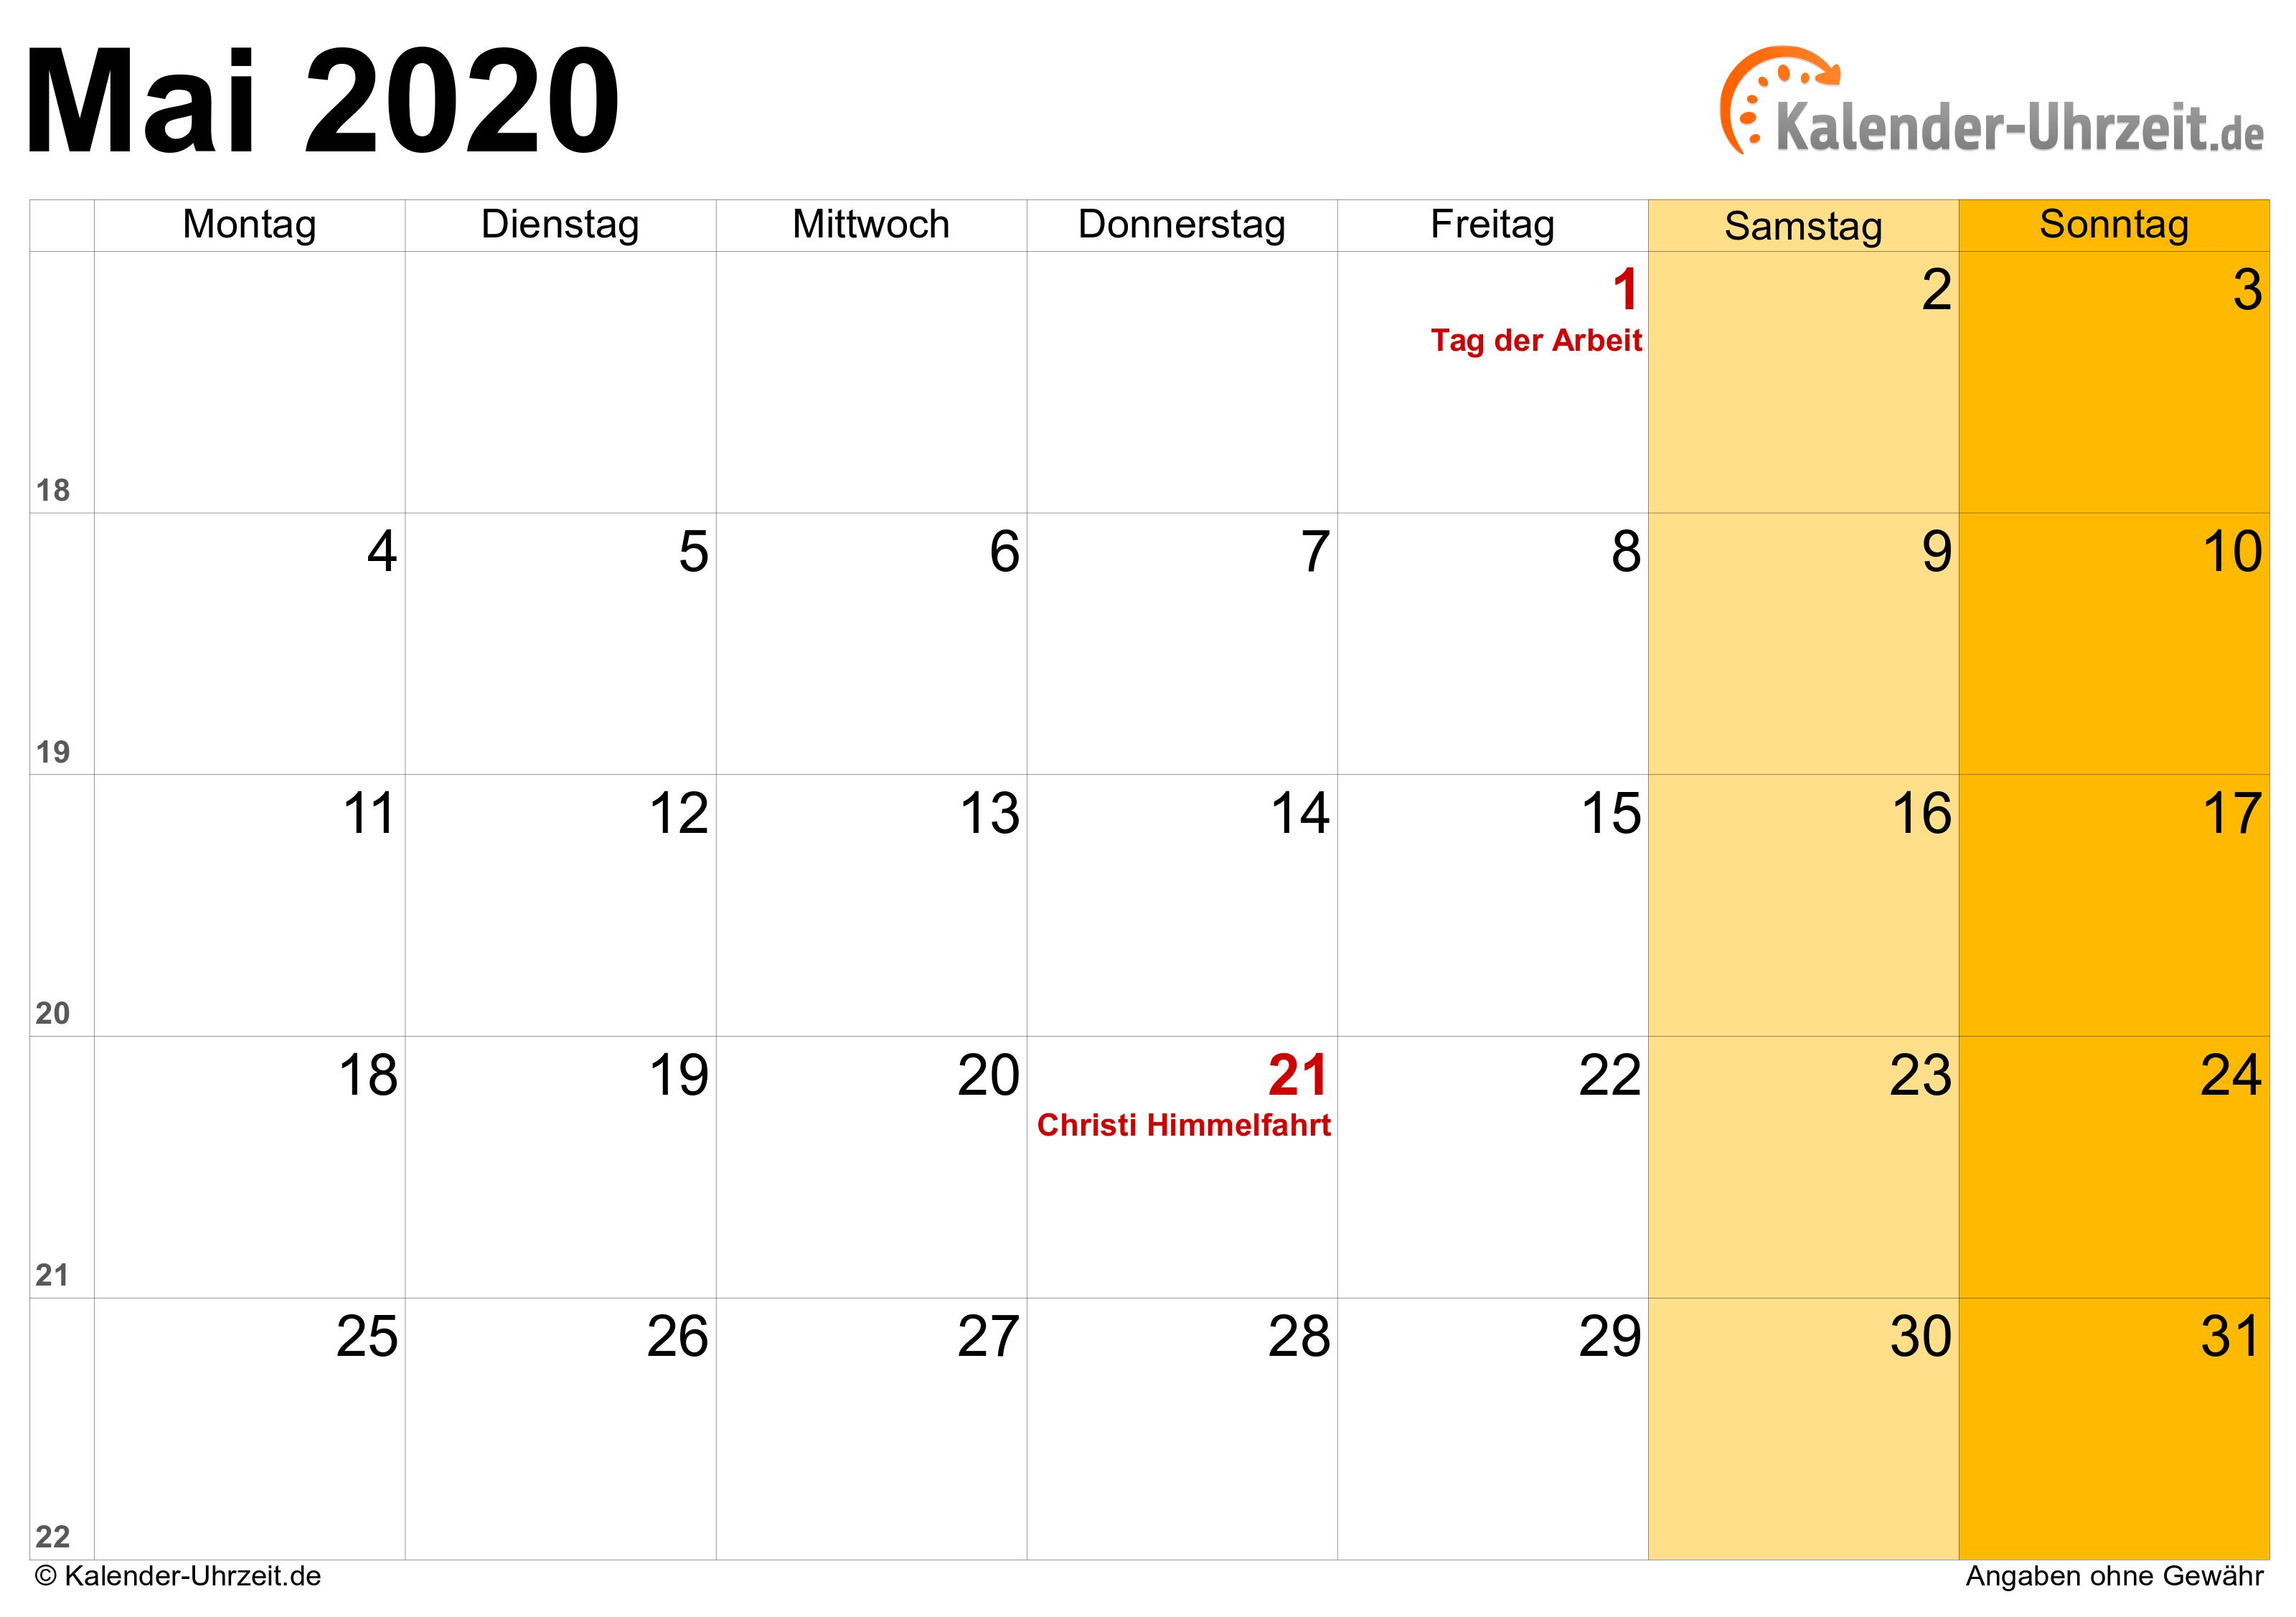 Feiertage Mai 2020 HeГџen